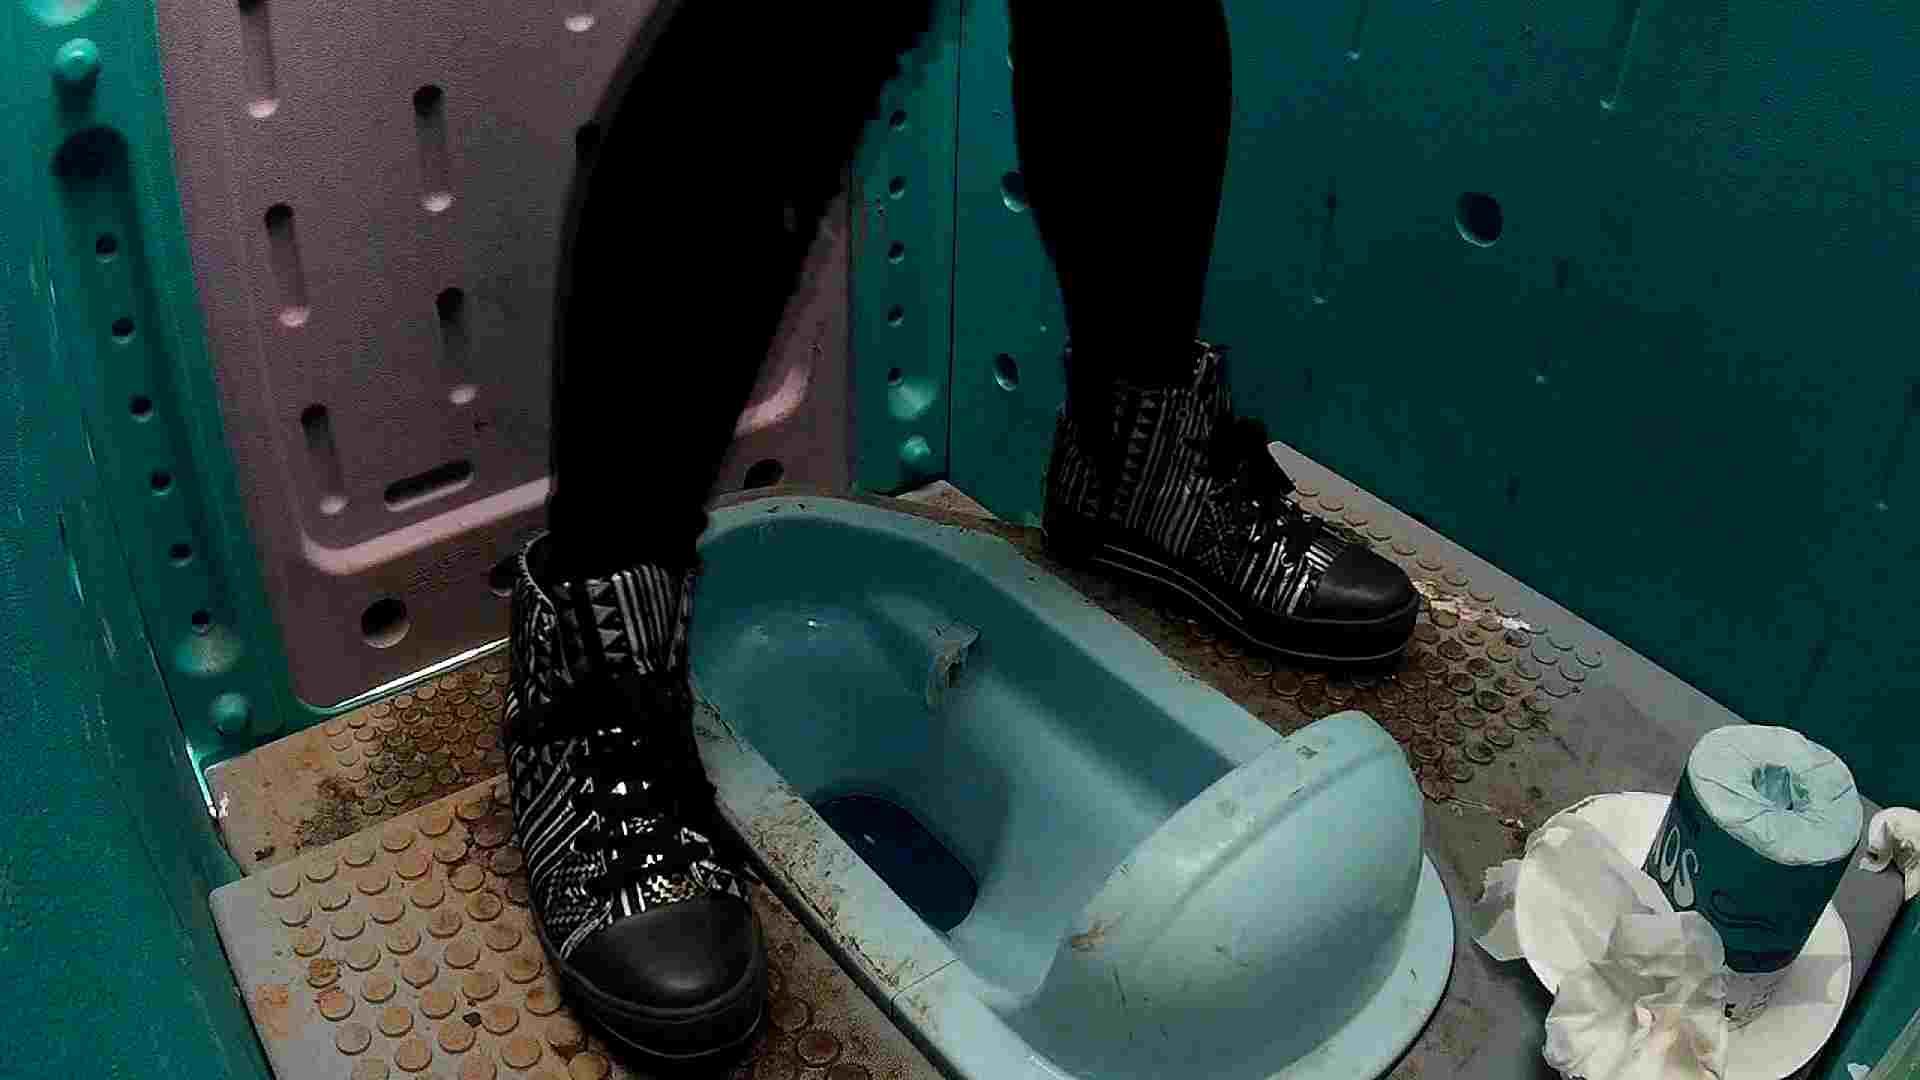 痴態洗面所 Vol.06 中が「マジヤバいヨネ!」洗面所 ギャルズ | 洗面所シーン  46画像 36